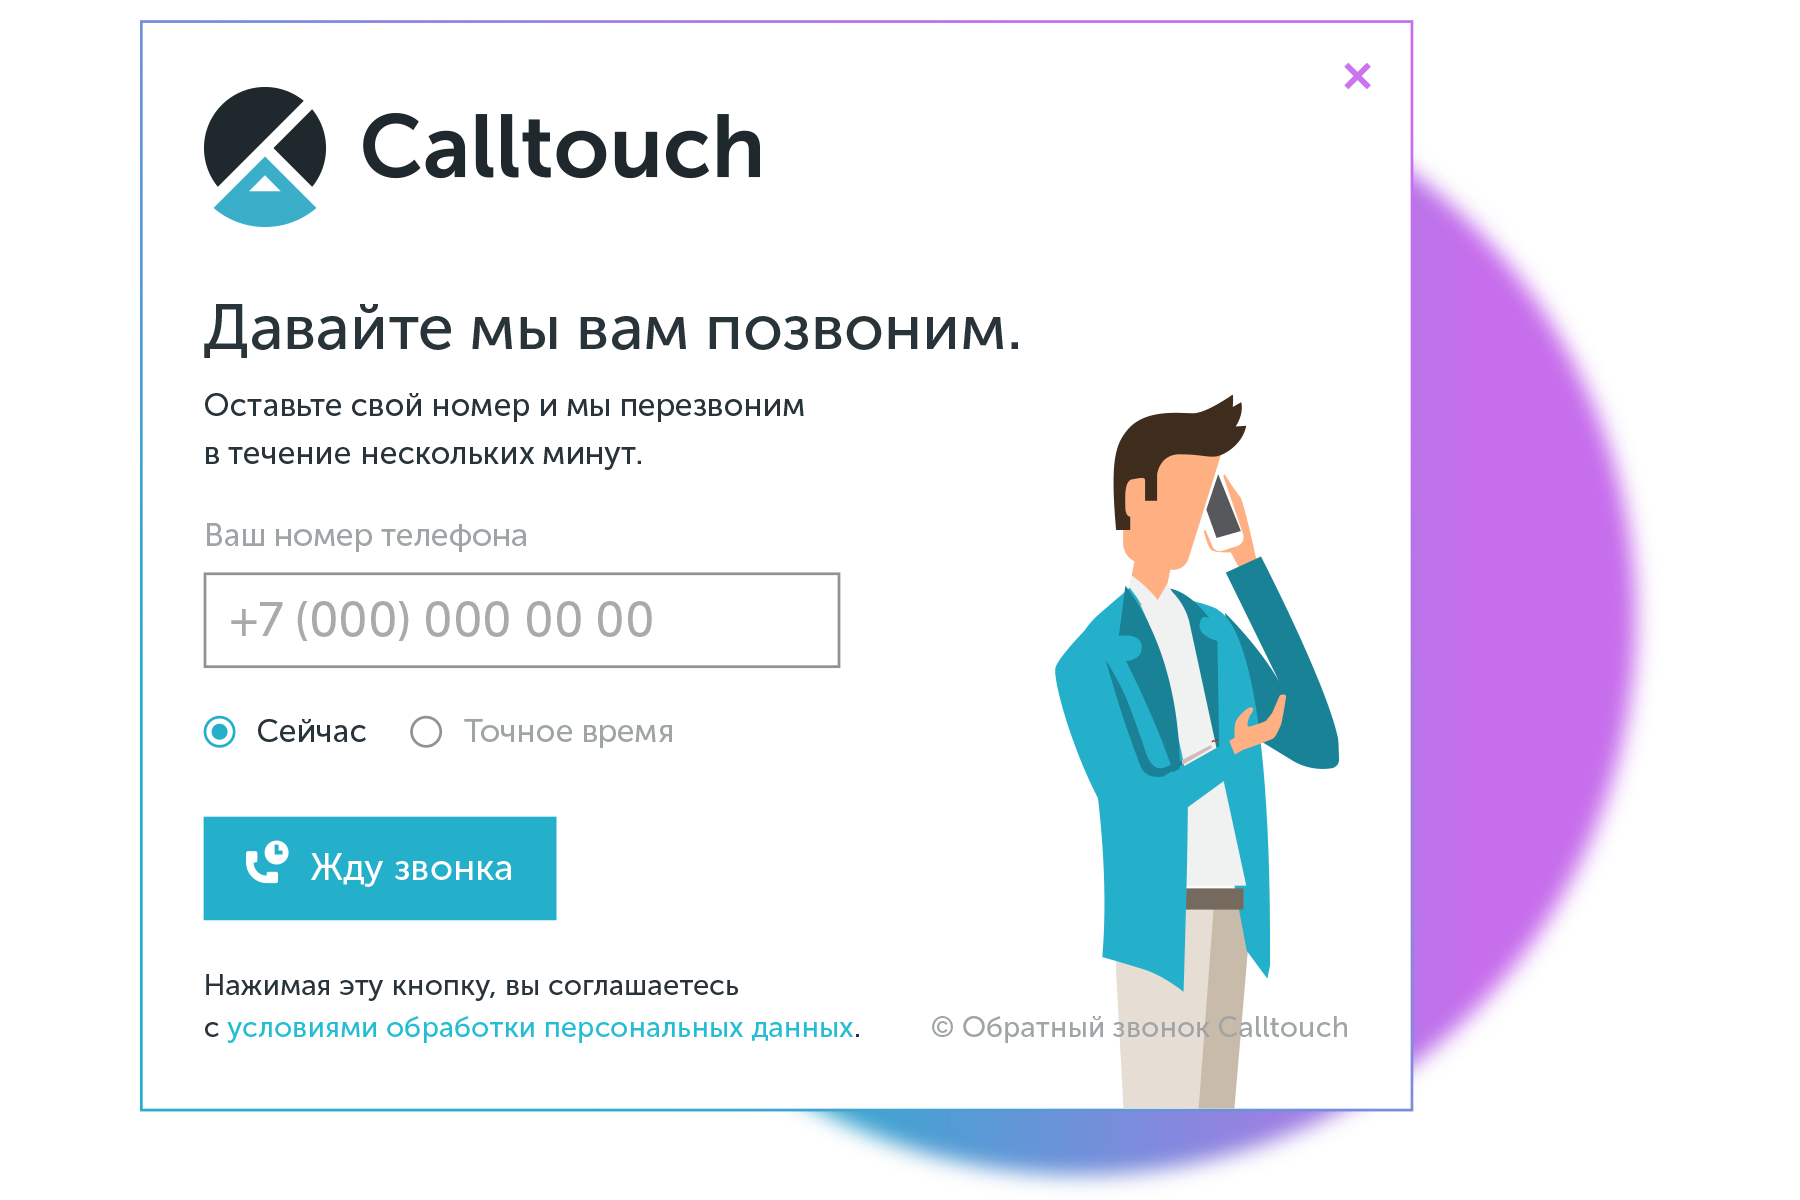 Calltouch.ru